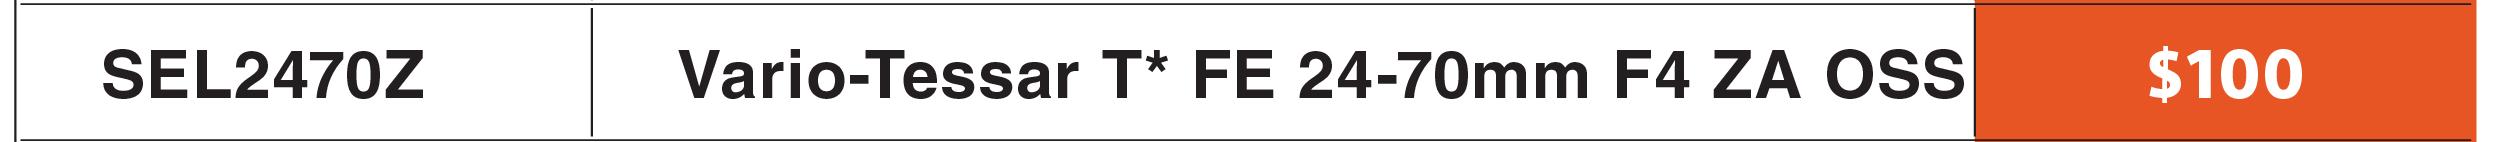 Sony FE 24-70mm ZA OSS